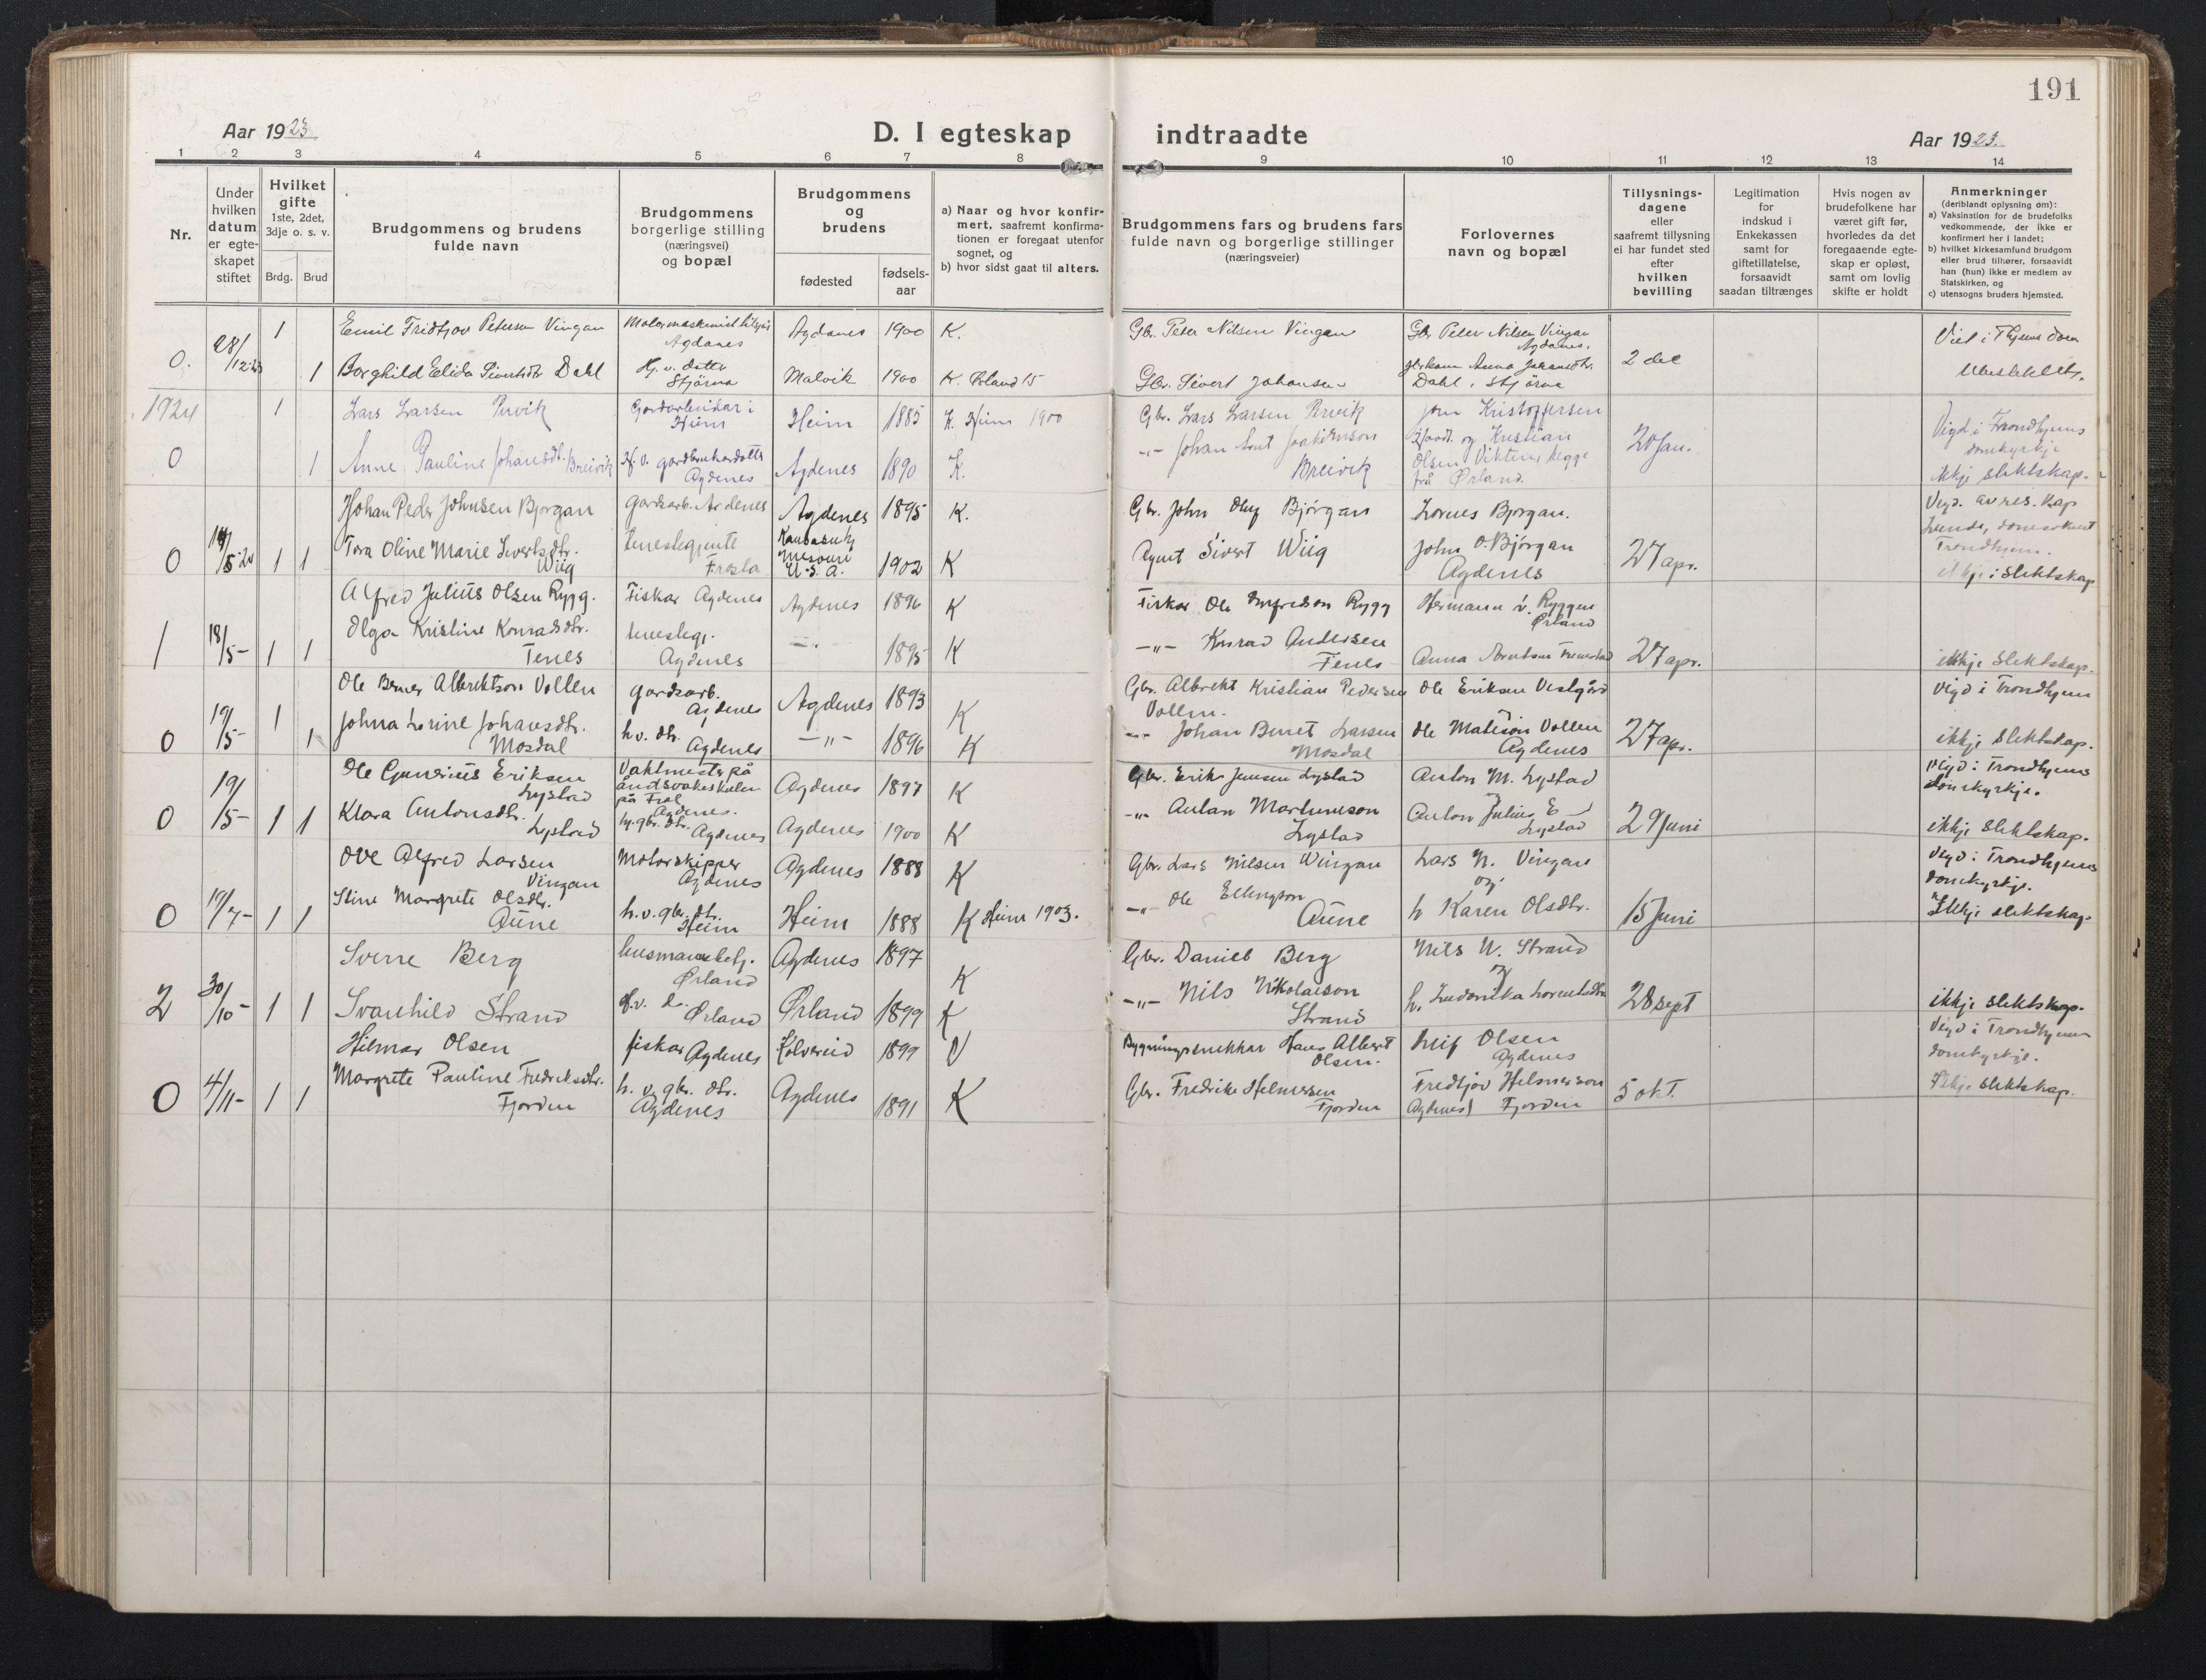 SAT, Ministerialprotokoller, klokkerbøker og fødselsregistre - Sør-Trøndelag, 662/L0758: Klokkerbok nr. 662C03, 1918-1948, s. 191